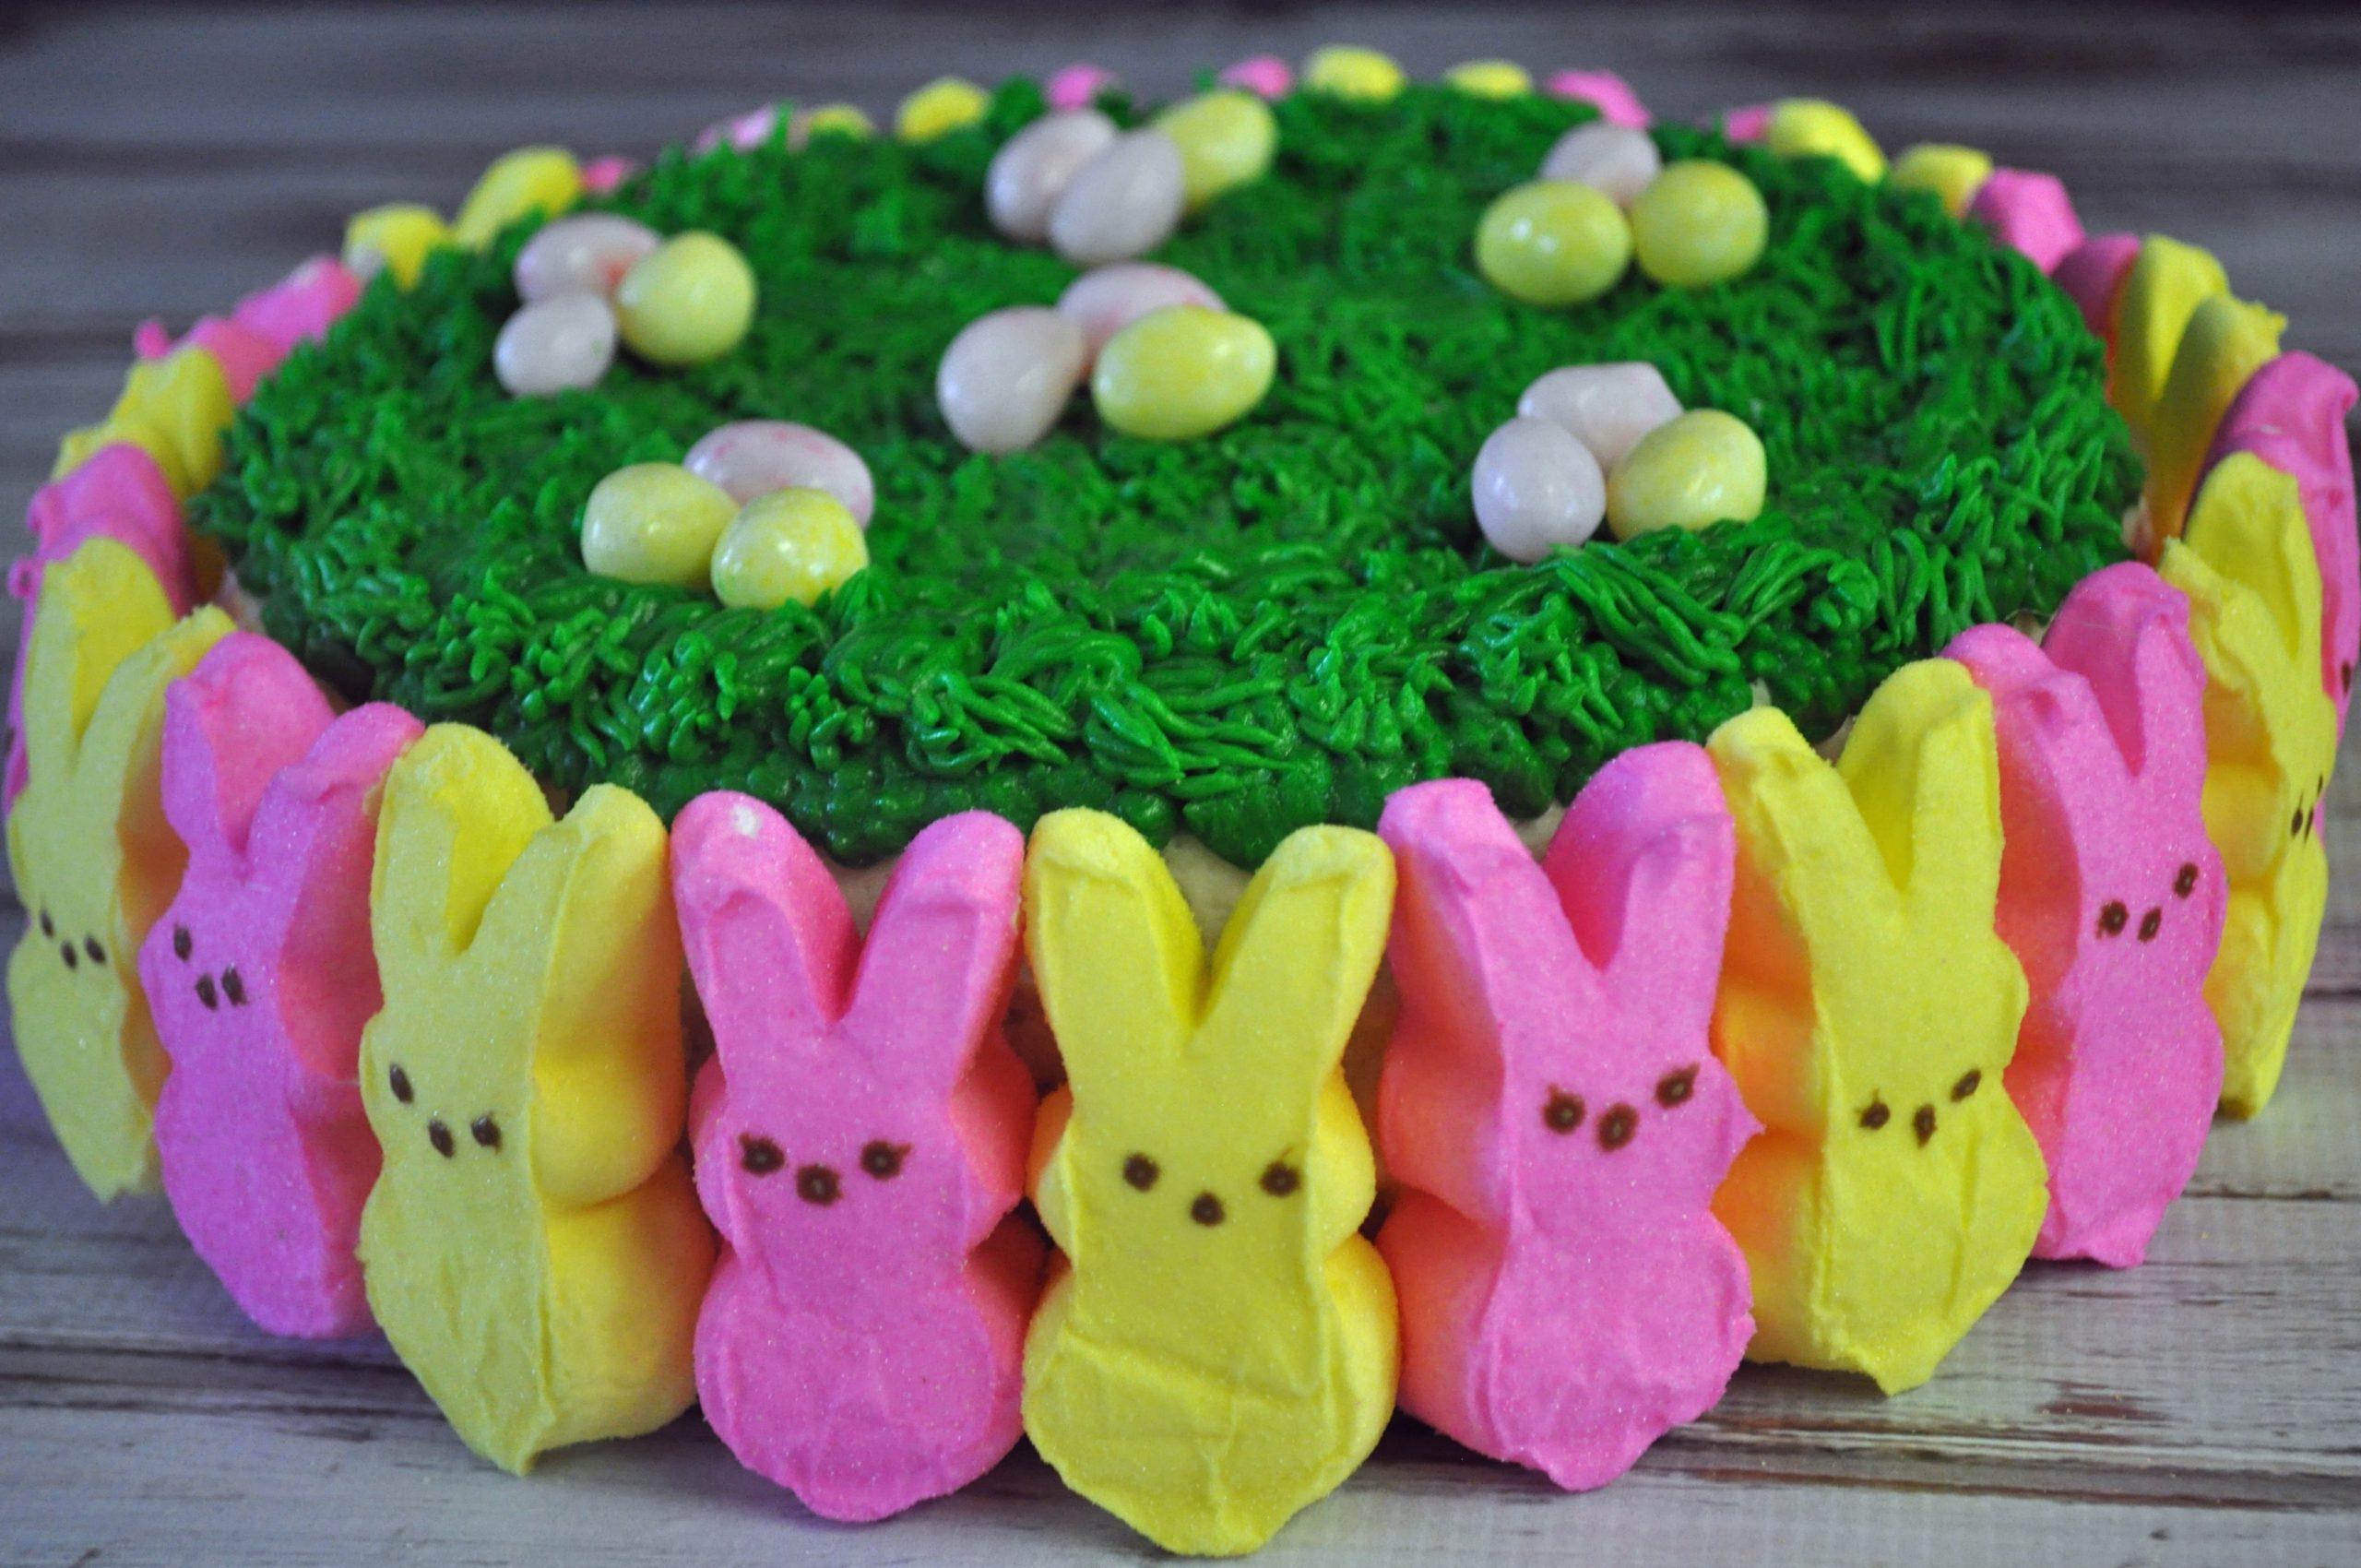 Gâteau décoré de mini lapins en rose et jaune.